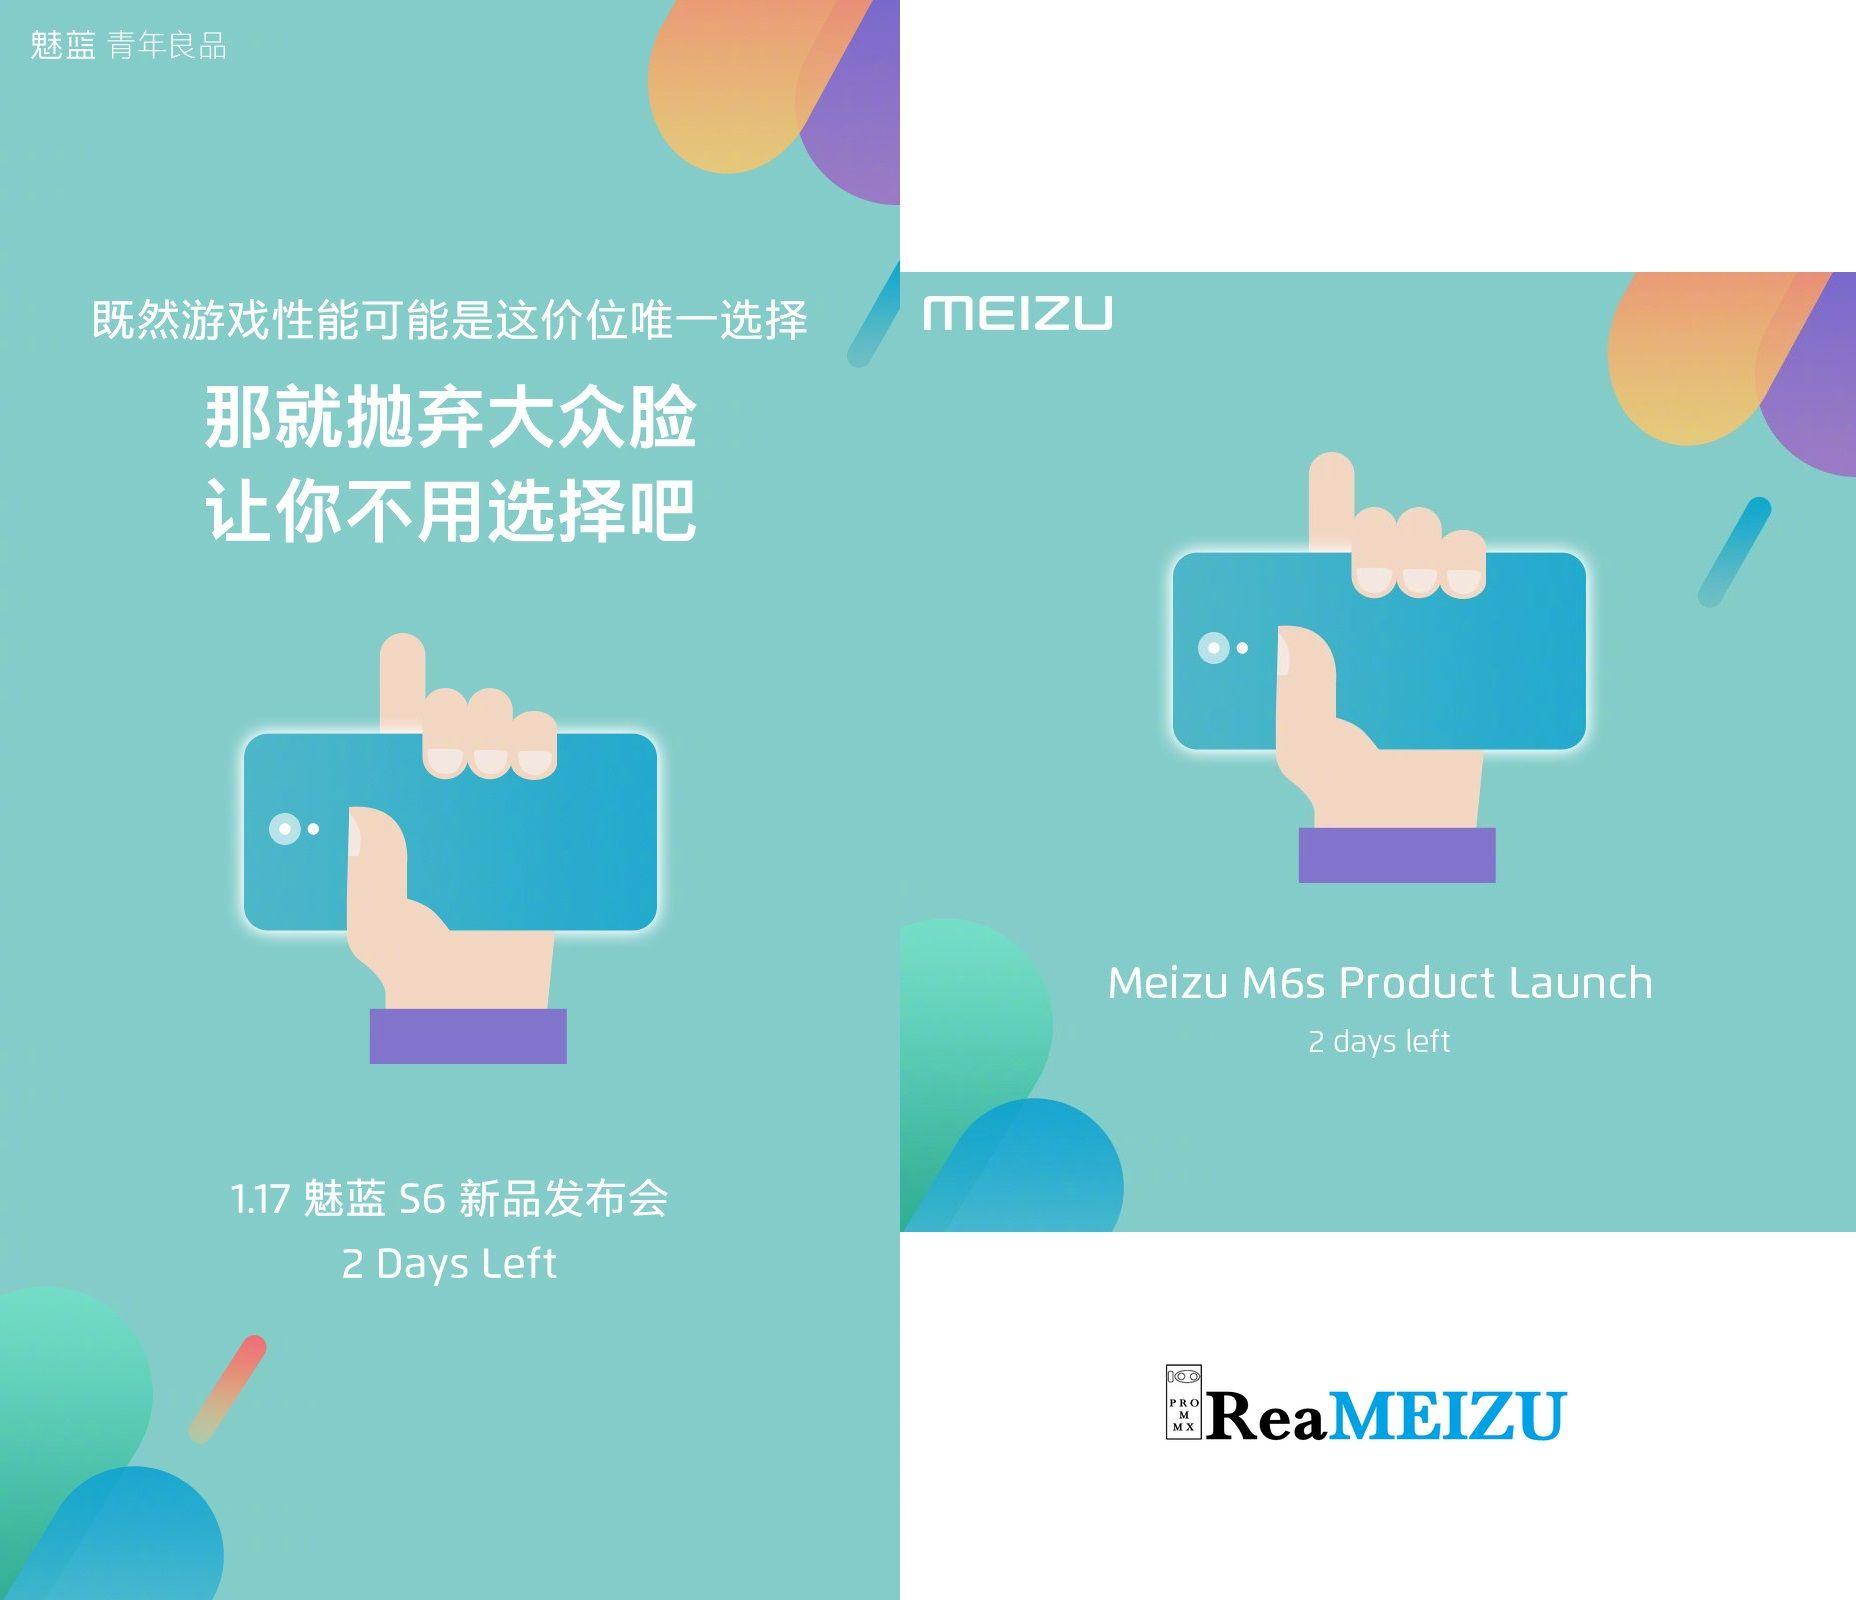 魅藍 S6(Meizu M6s)の発表2日前を告知する画像はカメラ